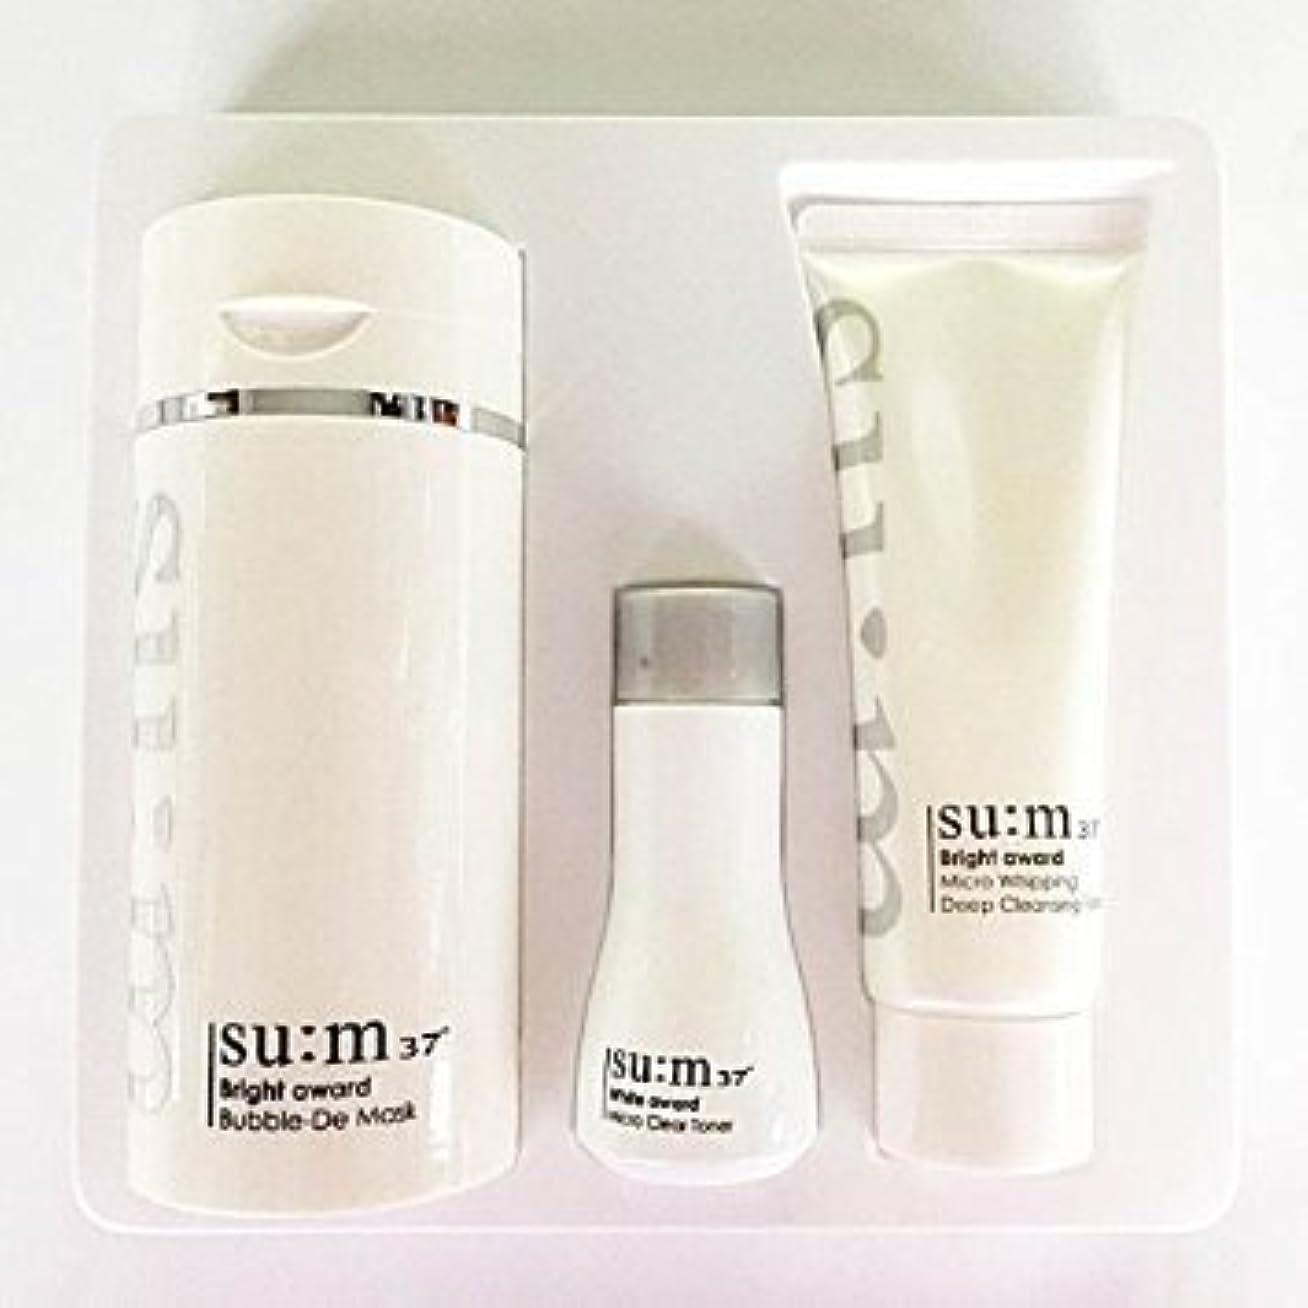 伝記スポーツの試合を担当している人コンベンションSu:m37°(スム37) Su:m 37 White Bright Award Bubble-De Mask Special Set 企画セット [並行輸入品]